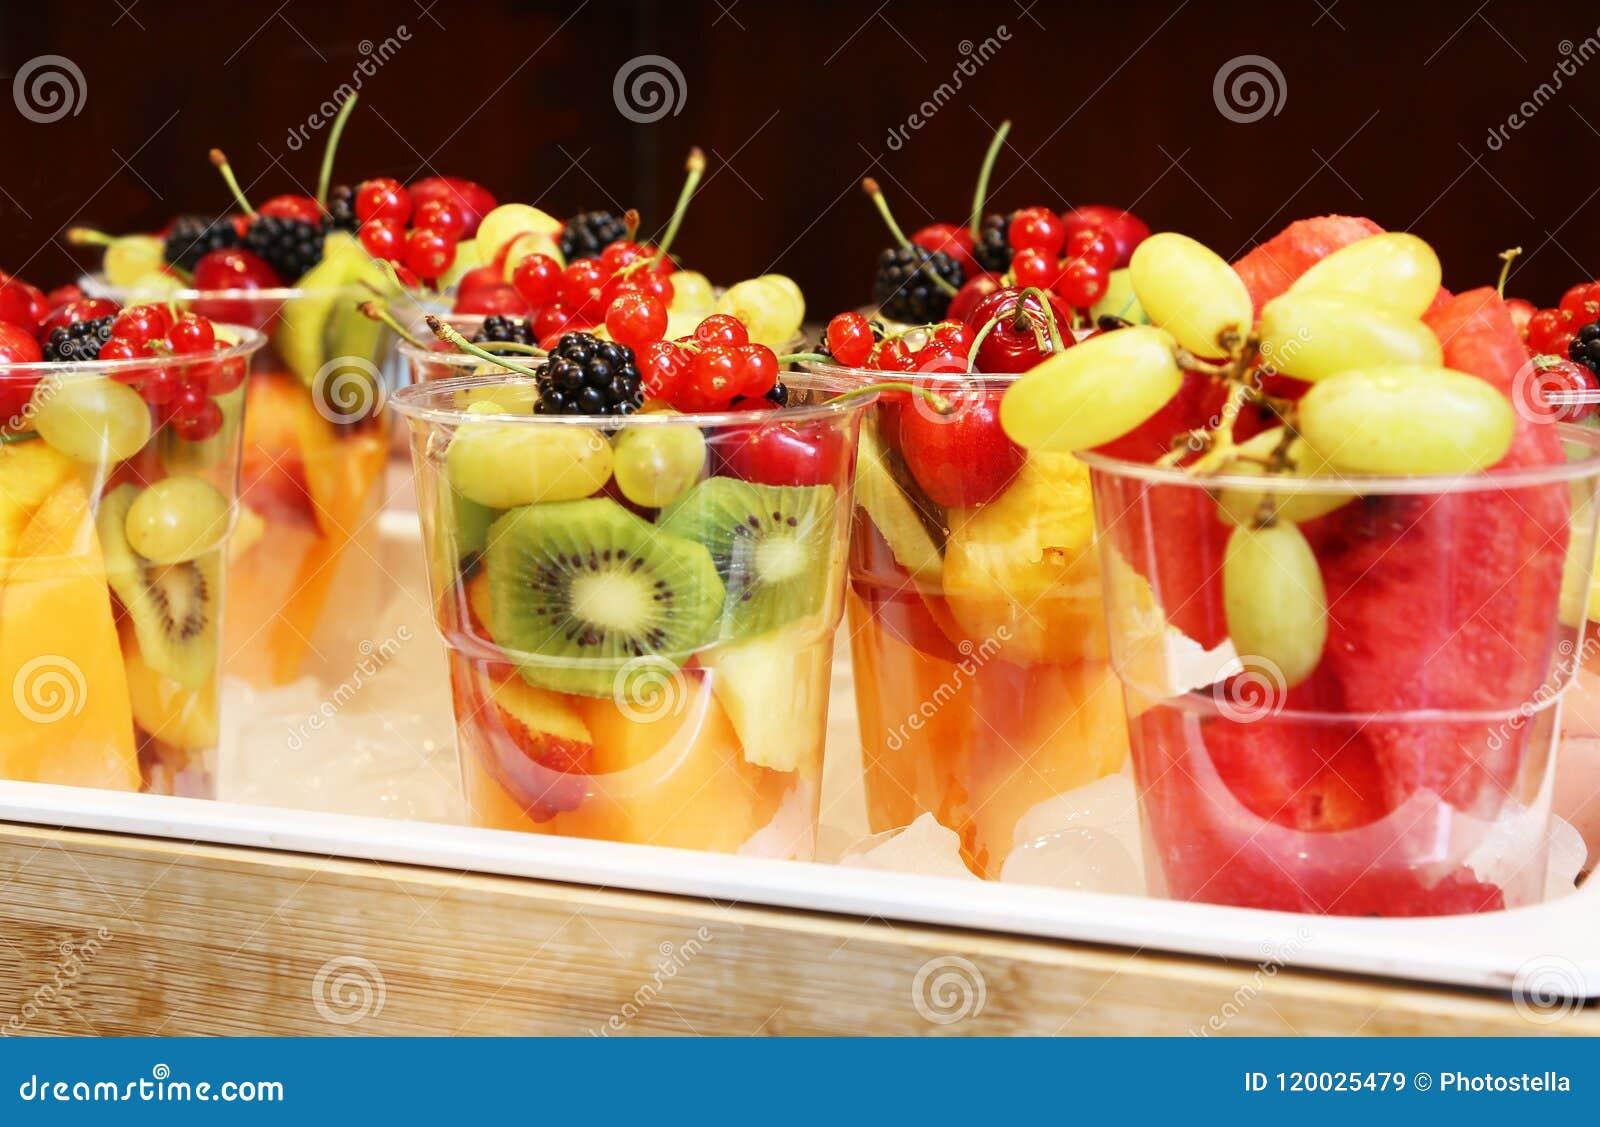 Les fruits frais mélangés dans un verre - consommation saine - suivent un régime le concept